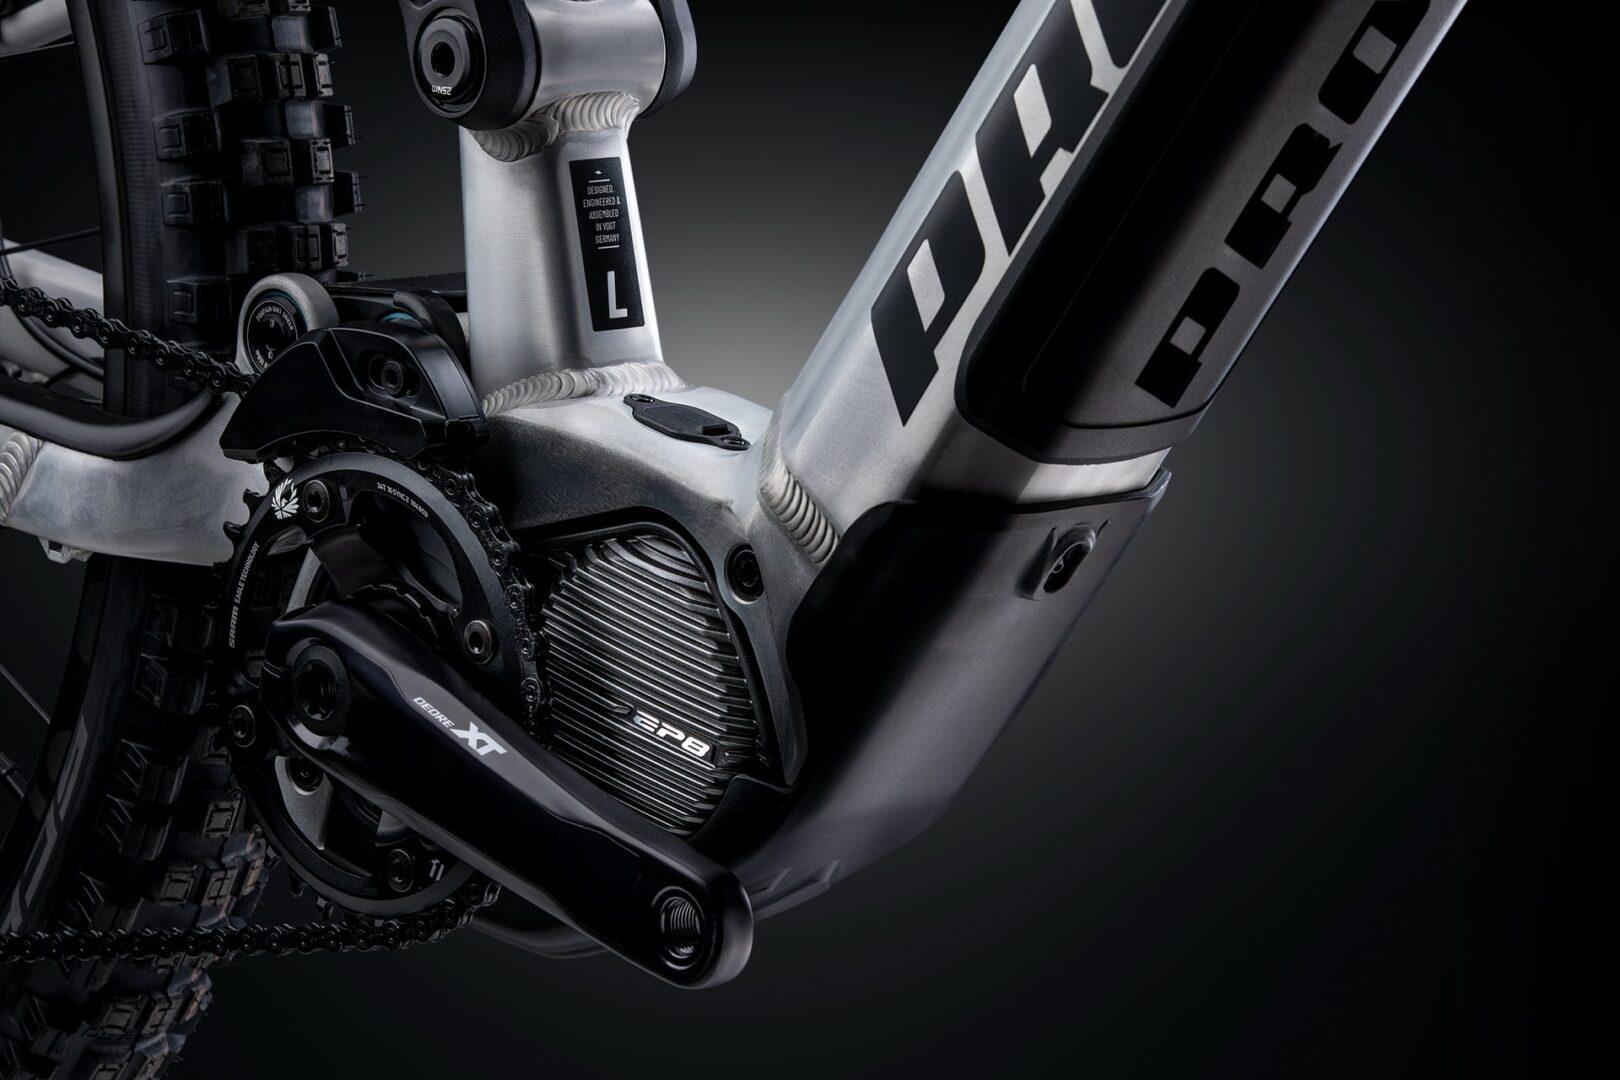 Shimano EP8Der mit 85 Nm kraftvolle und mit 2,6 kg leichte EP8 Motor aus der neusten Shimano-Generation bietet dir smoothe Unterstützung genau dann, wenn du sie brauchst. Durch die vielseitige Konfigurationsmöglichkeit mit der E-TUBE PROJECT App lässt sich der Motor für jeden Einsatzzweck und alle Vorlieben optimal abstimmen. Auch während der Fahrt! Egal ob im Uphill, Downhill oder in der Ebene – die feinfühlige und leise Antriebseinheit bietet dort Vortrieb und Performance, wo du sie benötigst. Gleichzeitig gibt der Motor nur dann Kraft frei, wenn sie tatsächlich benötigt wird, somit wird der Akku geschont und der Fahrspaß hält länger an. Durch die eigens dafür entwickelte Motorabdeckung ist die Antriebseinheit vor Steinschlägen und Verschmutzungen gut geschützt.